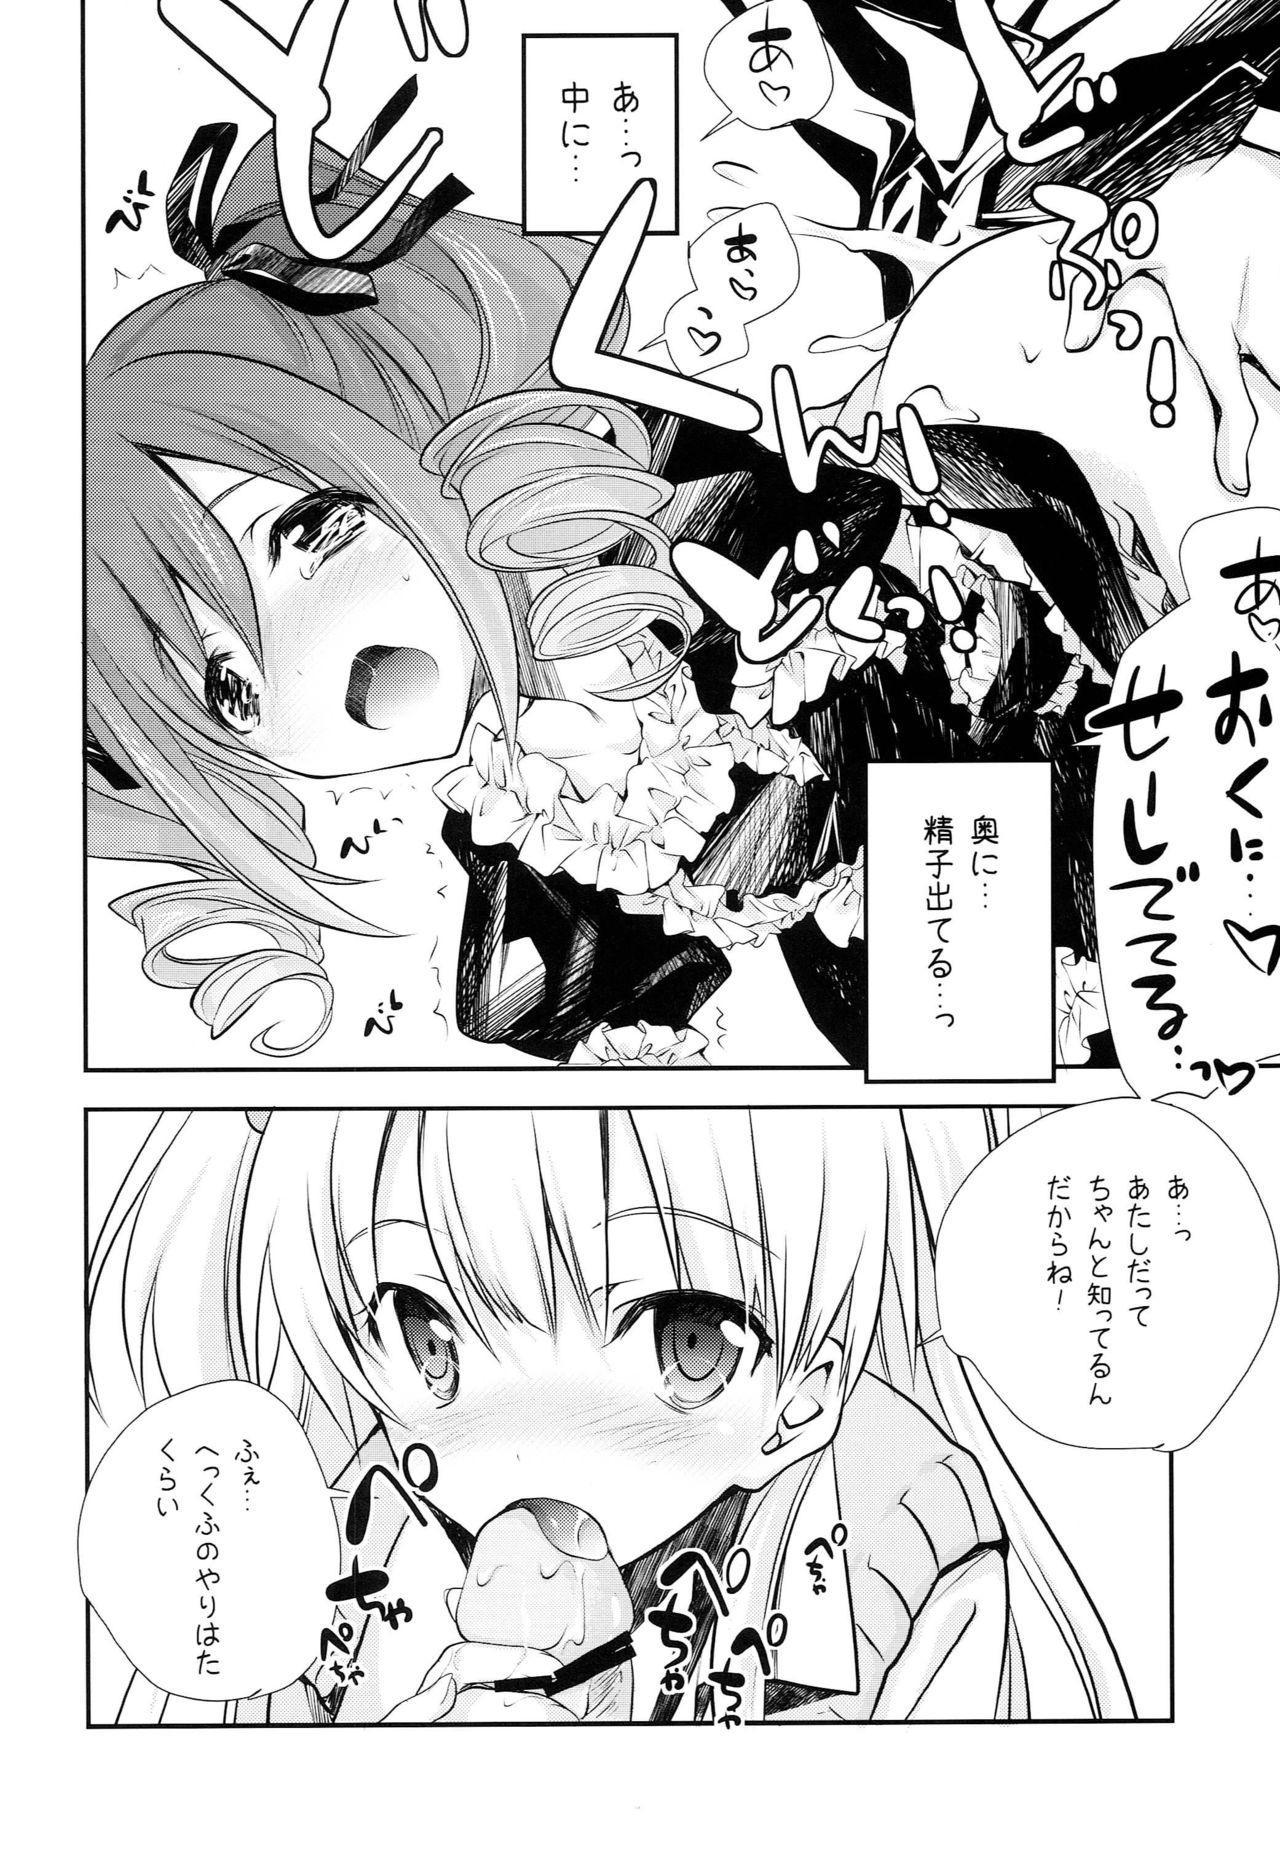 P ni 14-nin no Cinderella ga Makura o Kyouyou Suru Usui Hon 24